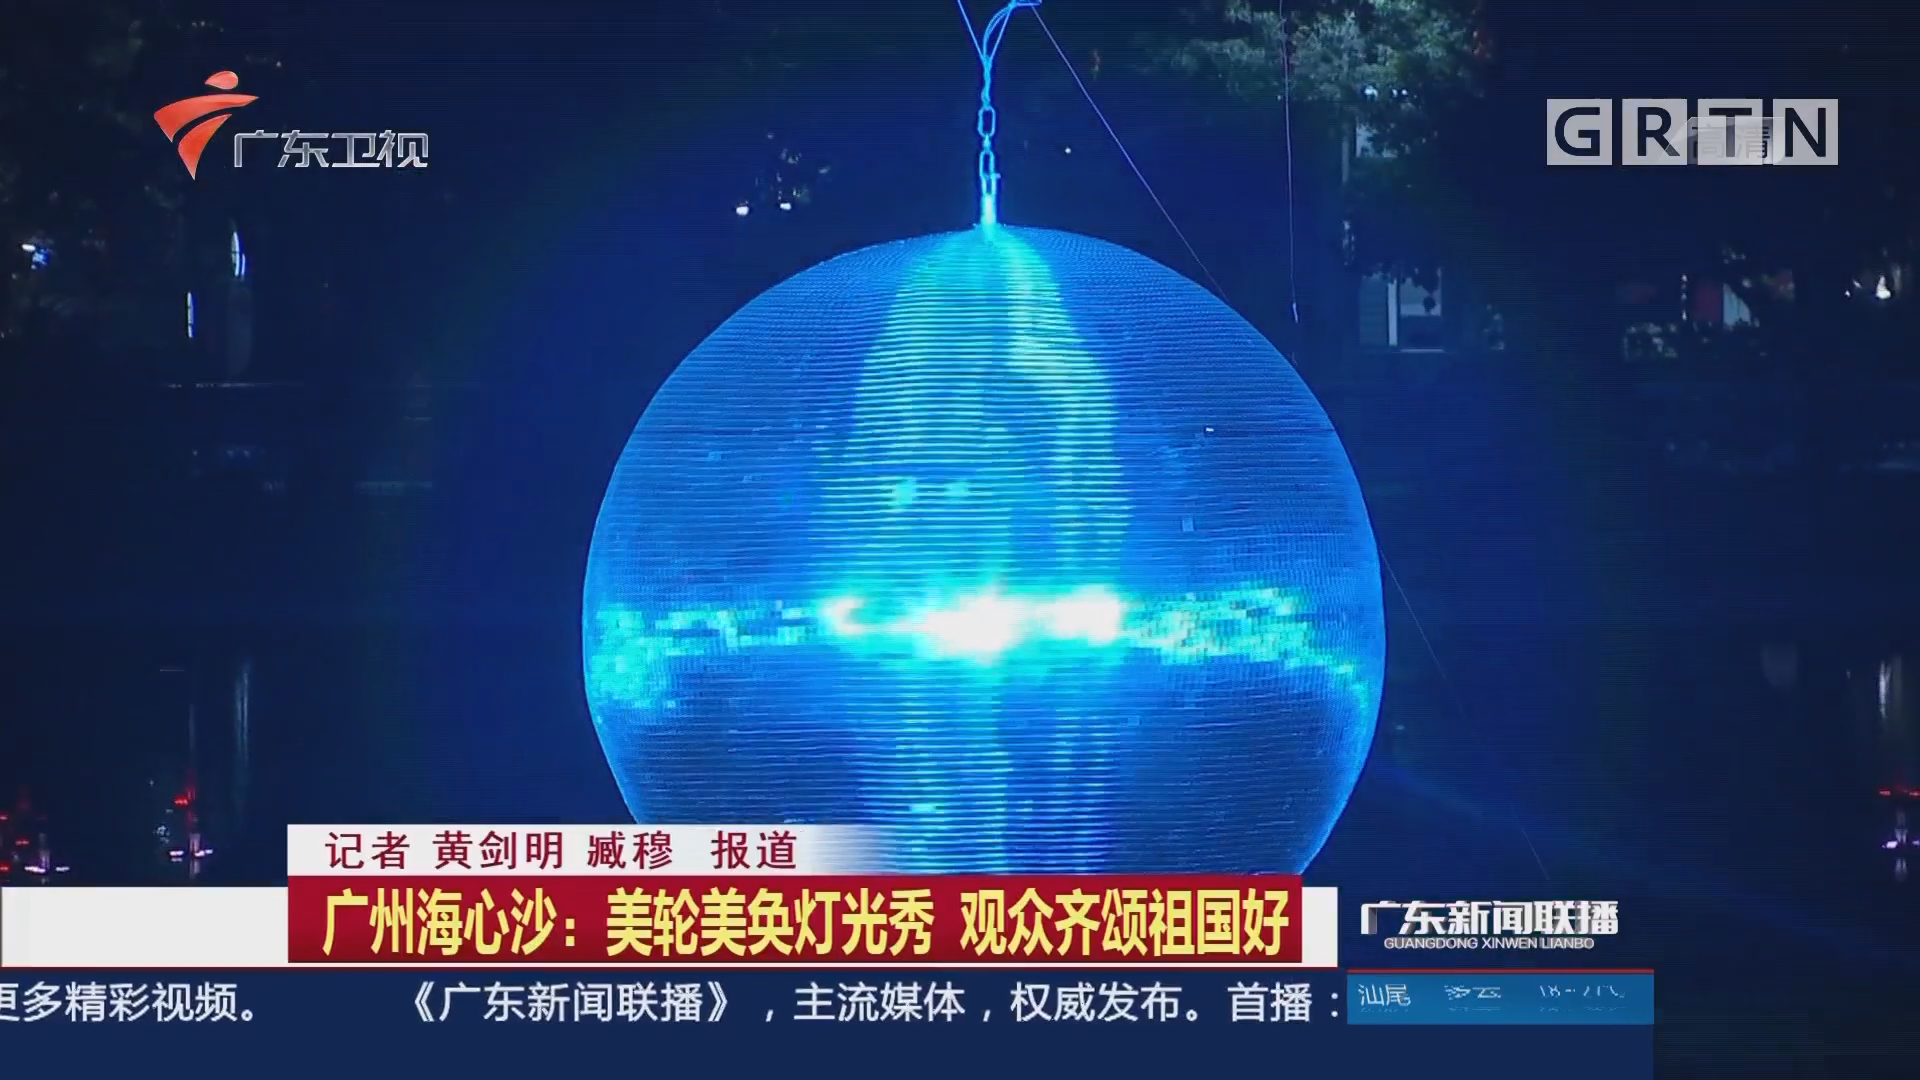 广州海心沙:美轮美奂灯光秀 观众齐颂祖国好